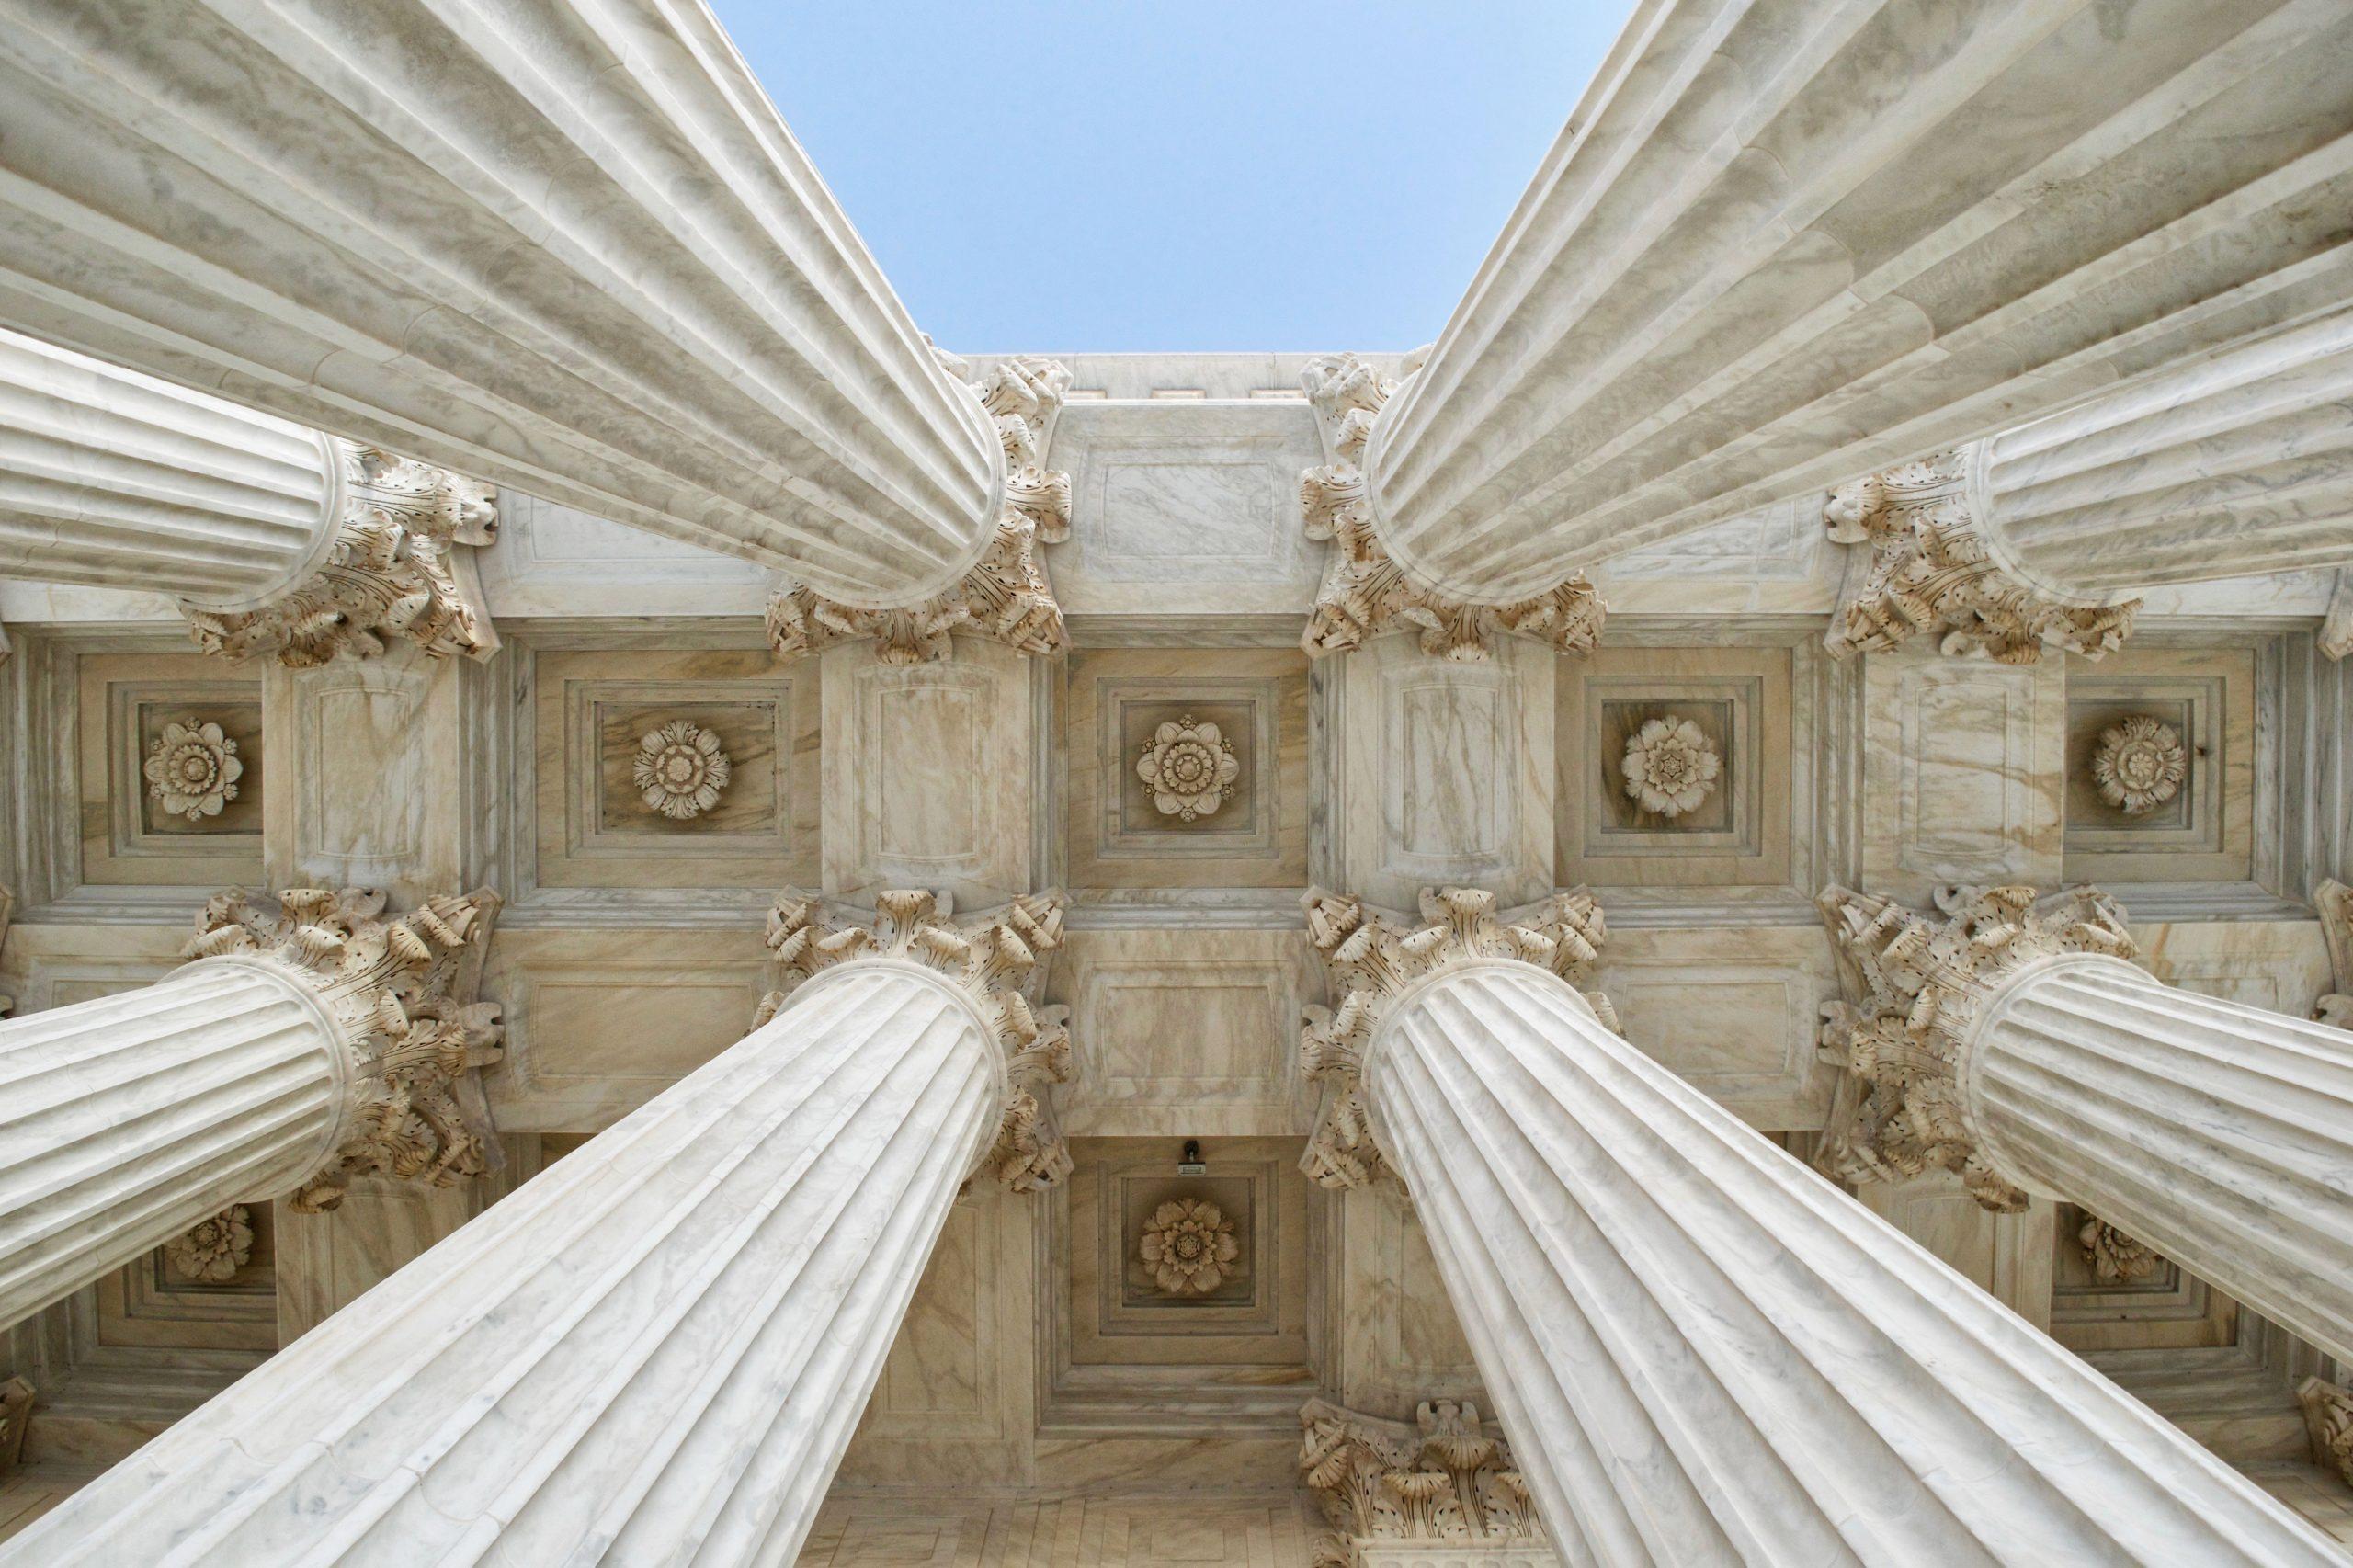 L'enforcement amministrativo del diritto d'autore: il regolamento AGCOM